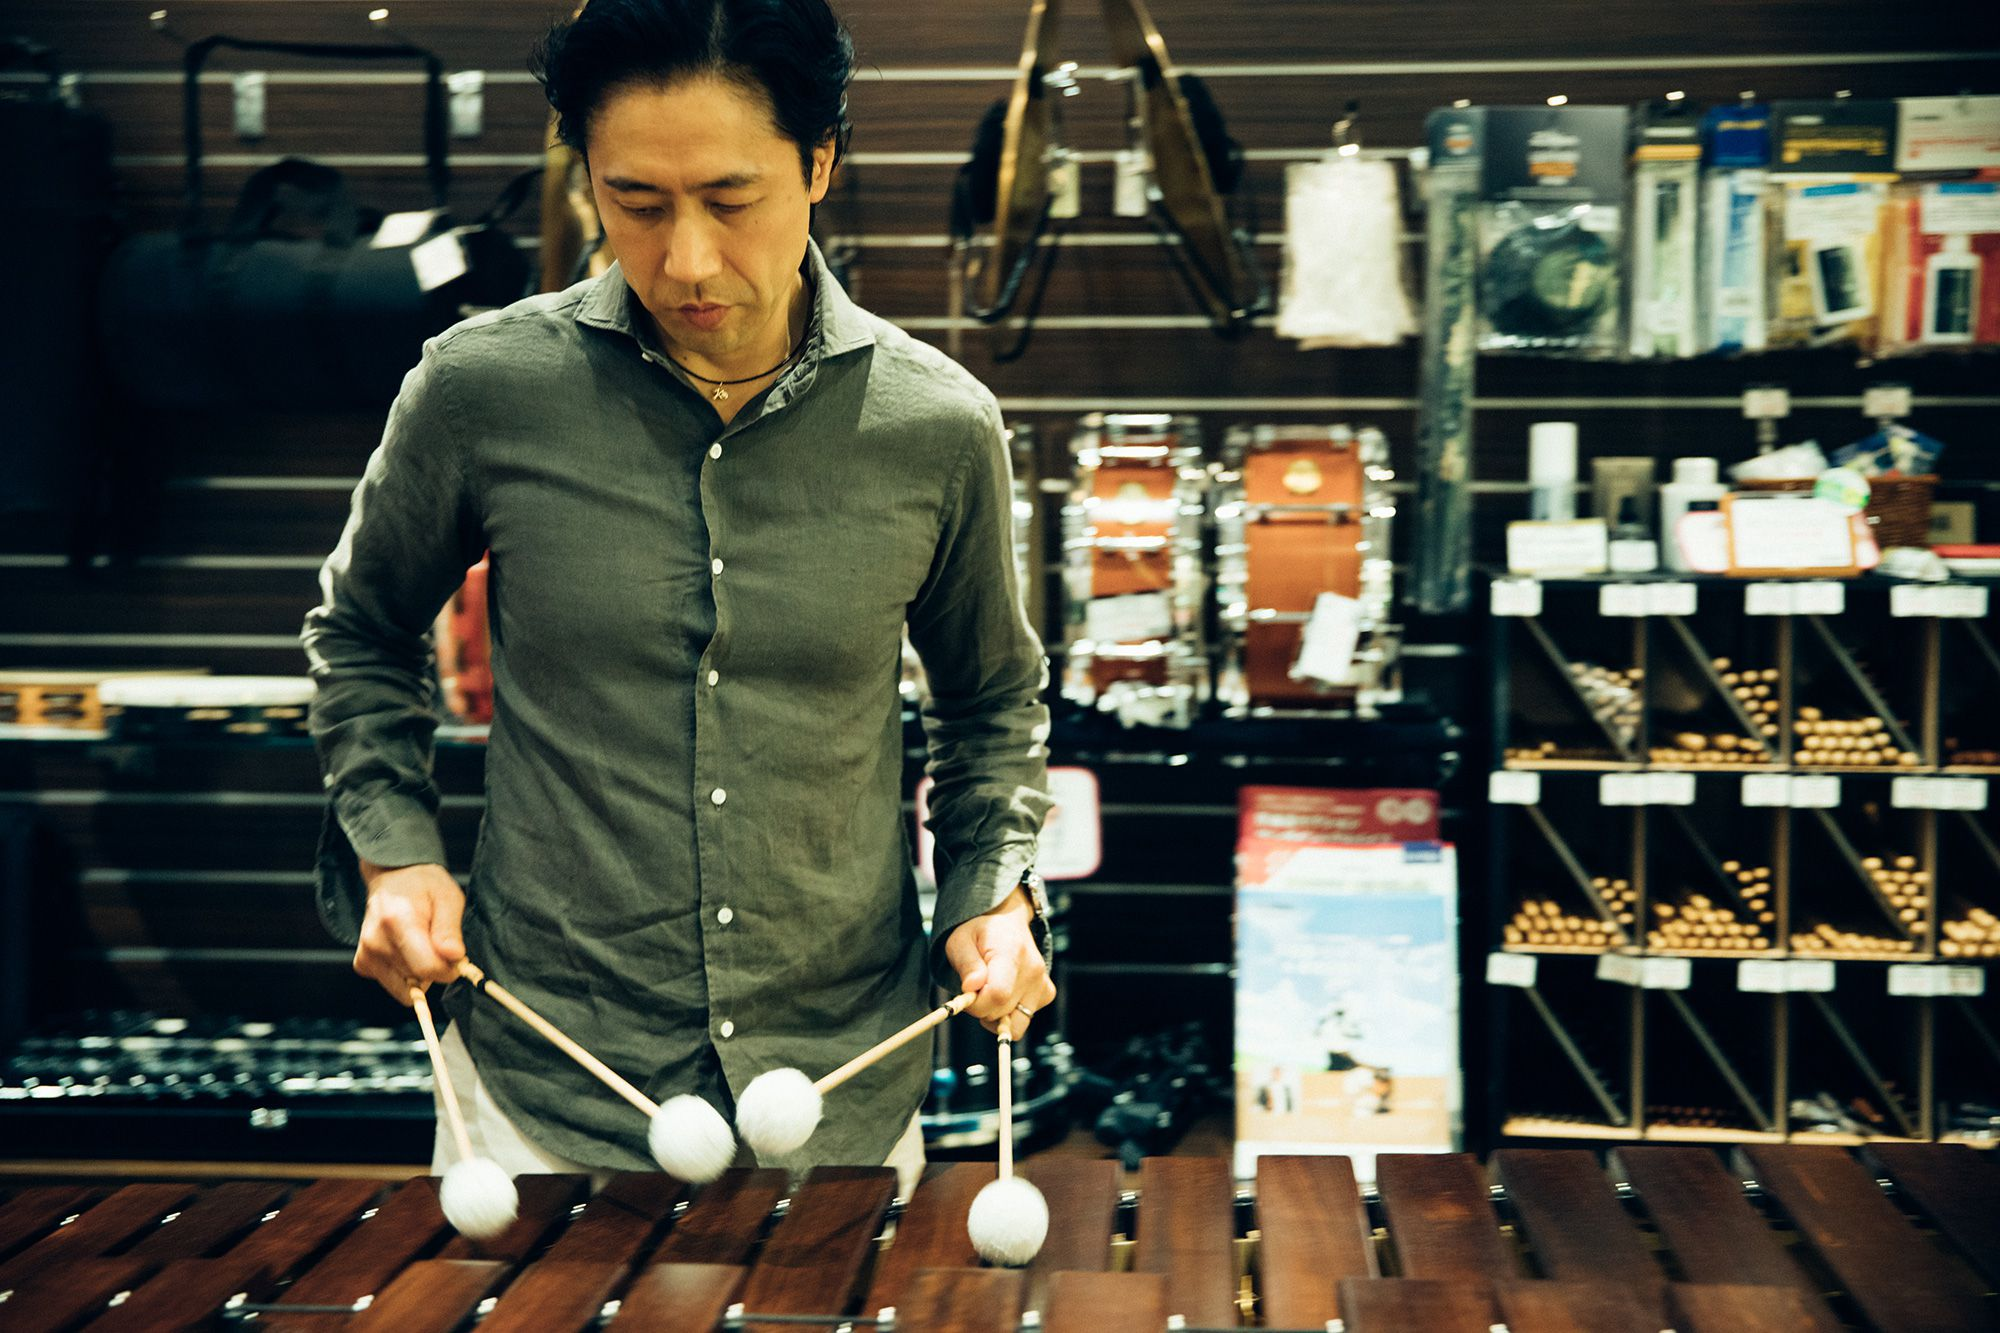 マリンバを試奏する小森さん。店内に心地よい音が広がる。